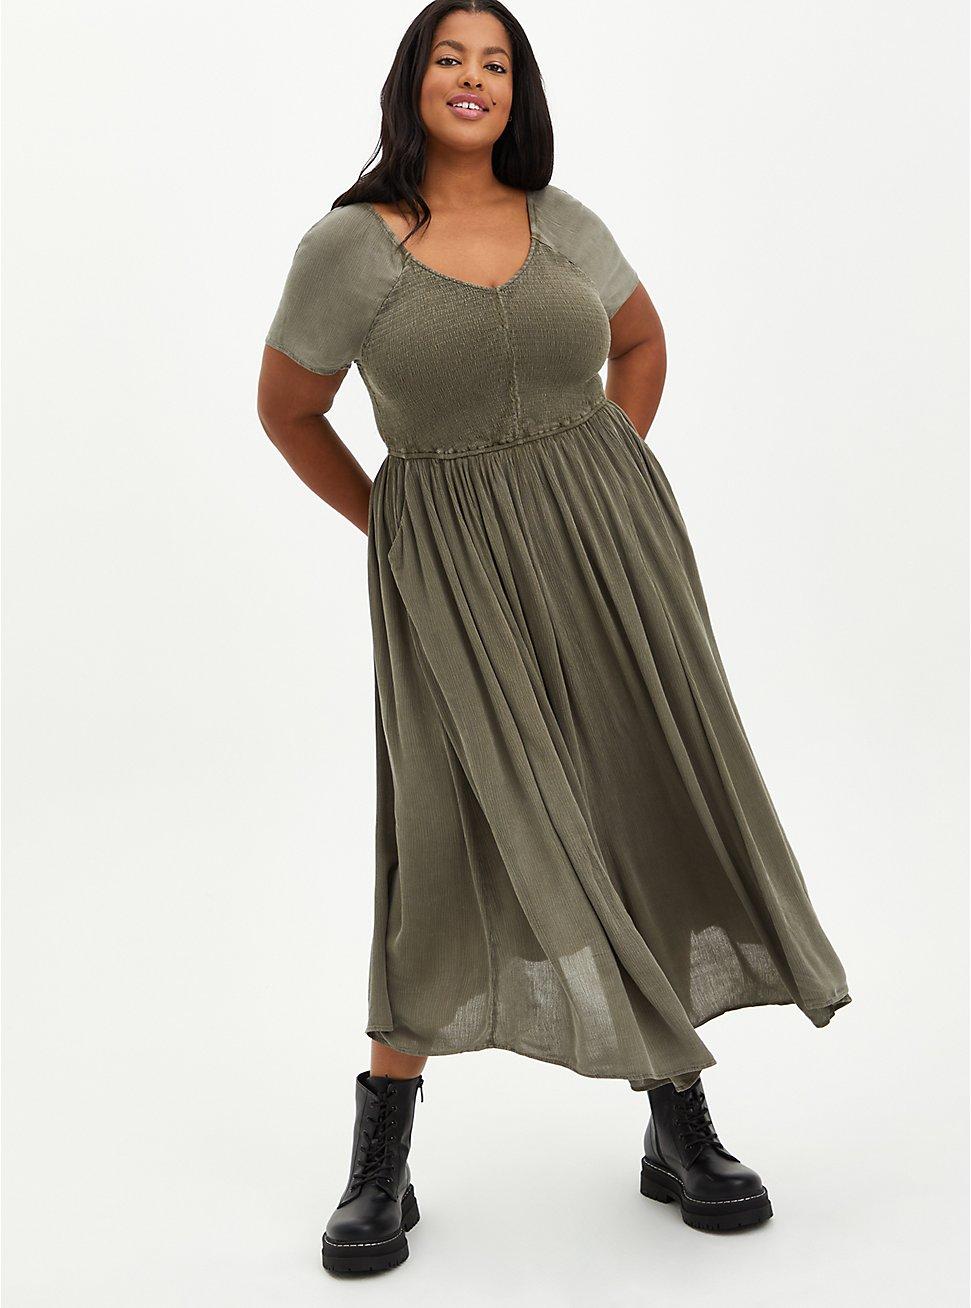 Olive Wash Gauze Smocked Skater Midi Dress, TIE DYE, hi-res